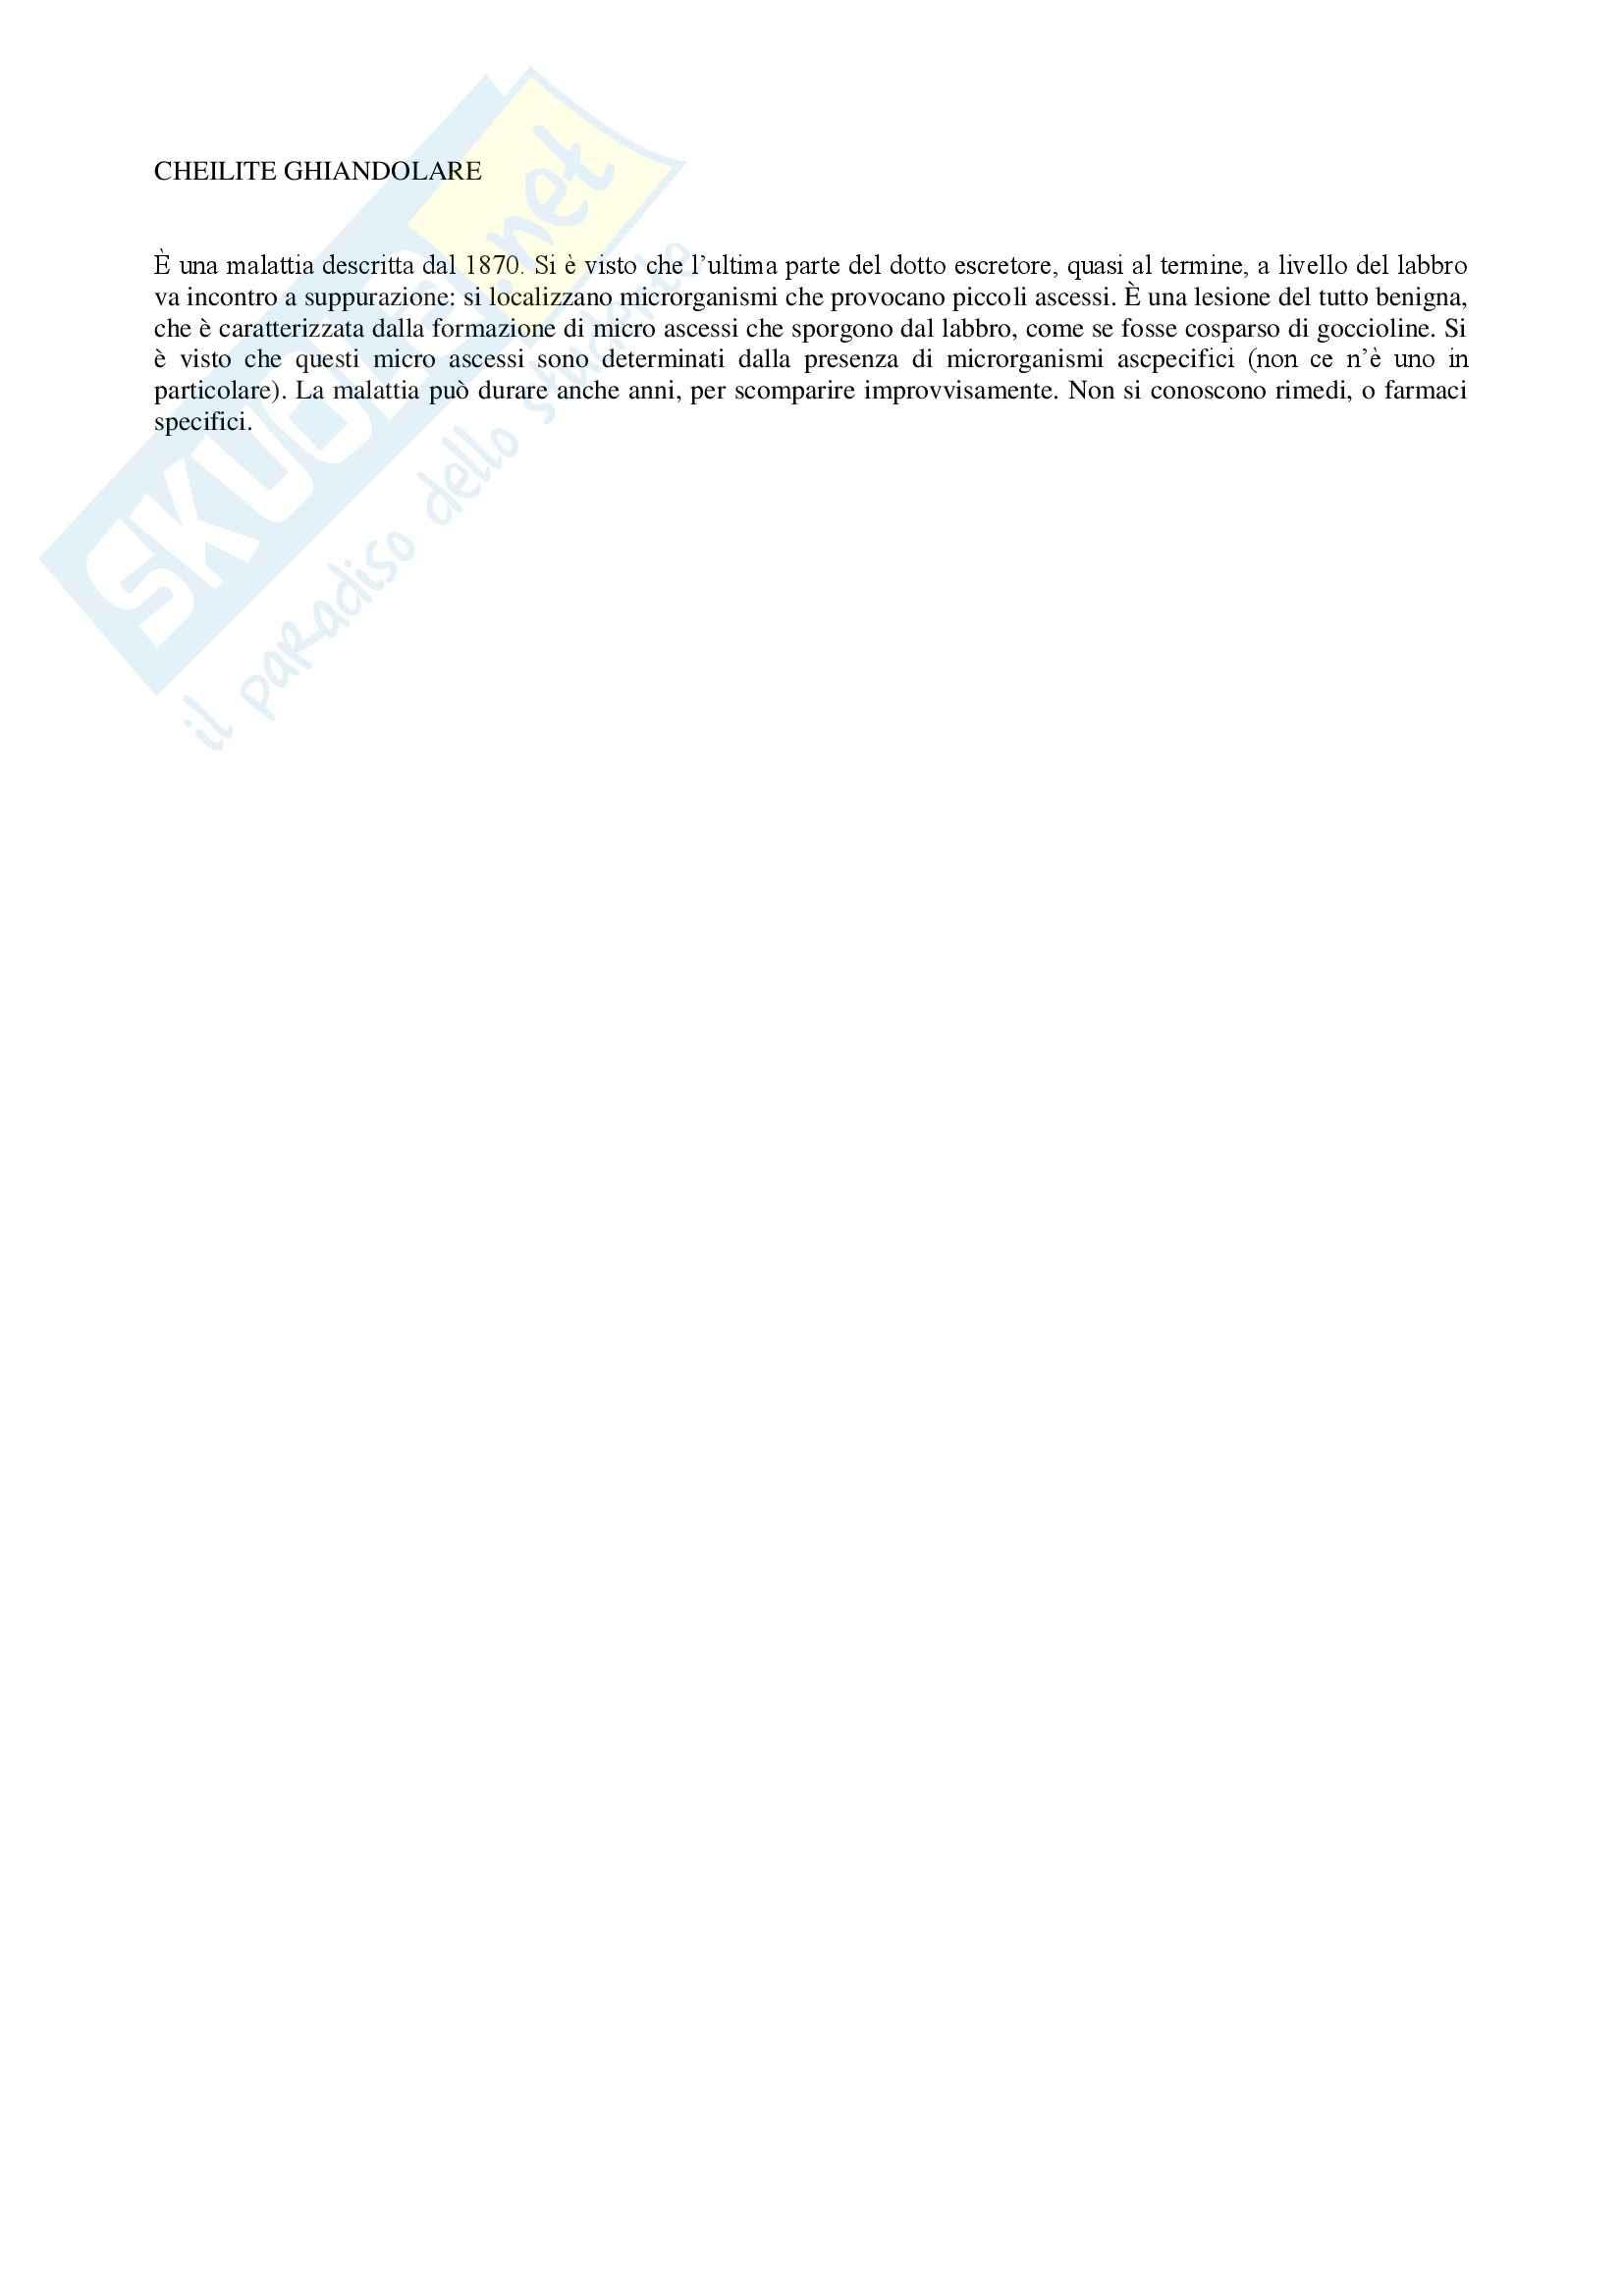 Anatomia patologica - cheilite ghiandolare